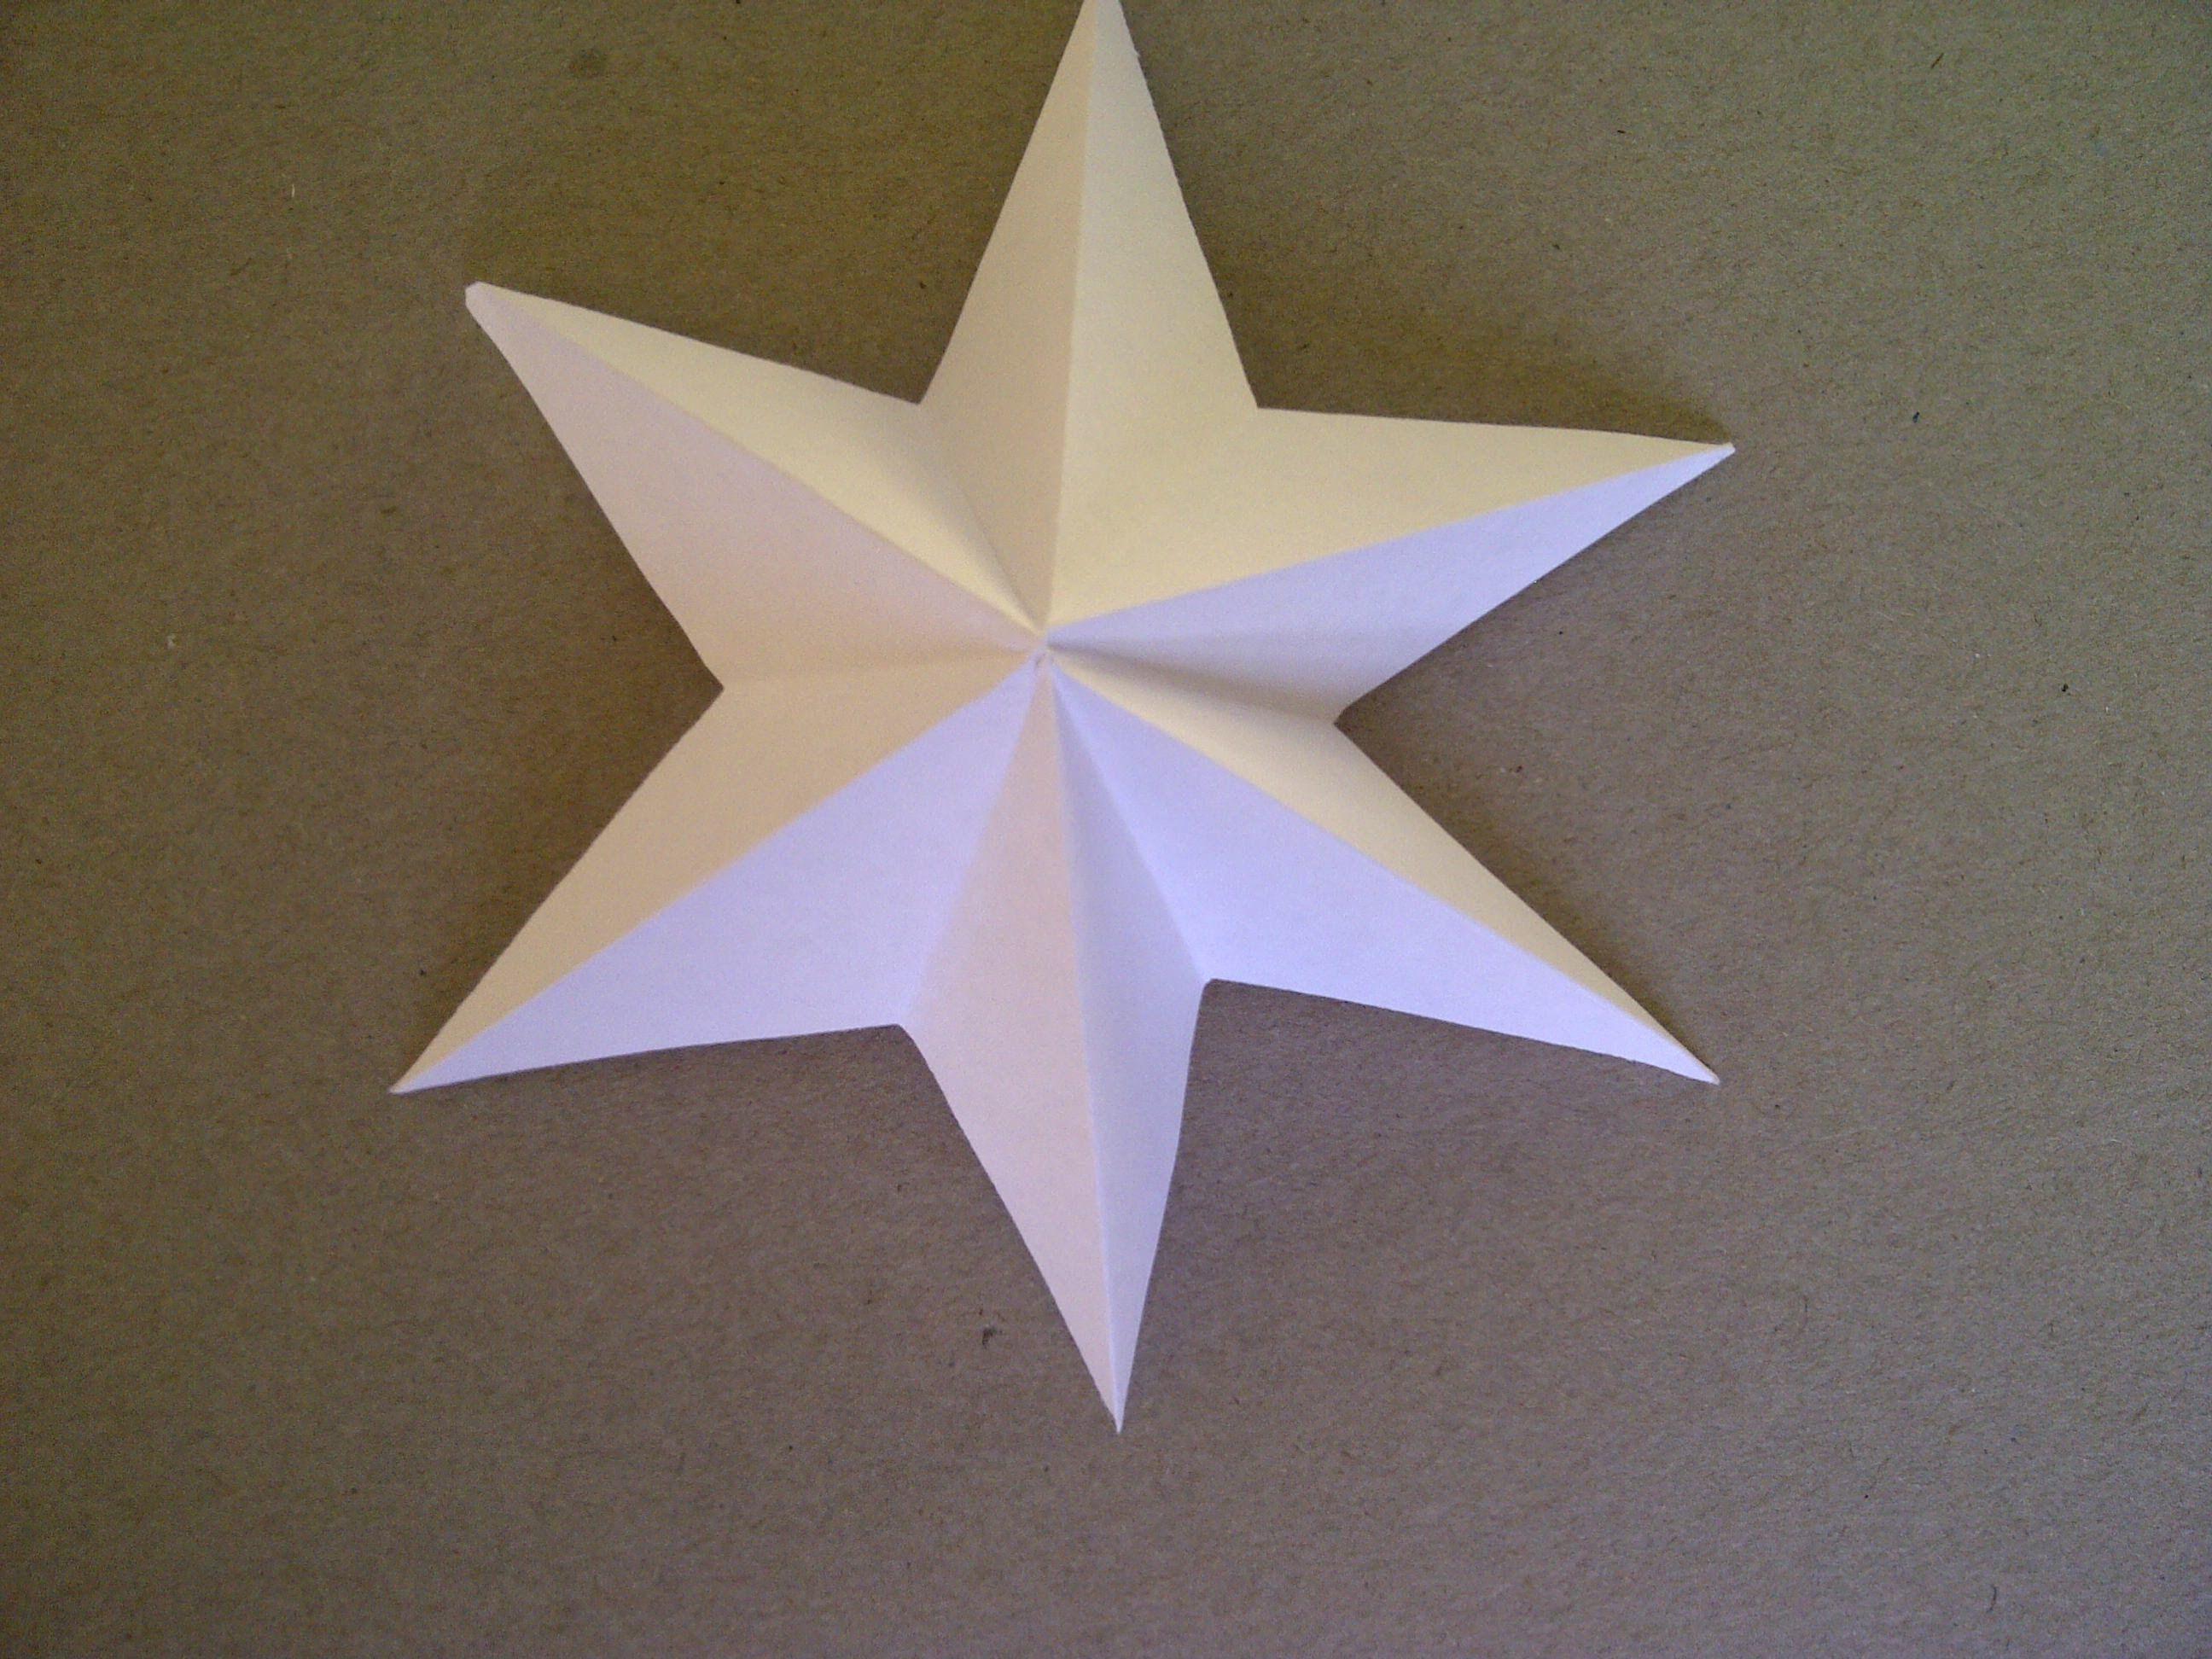 Extrem 3D-Sterne basteln. 6-zackiger Stern aus Papier falten sehr einfach WA63